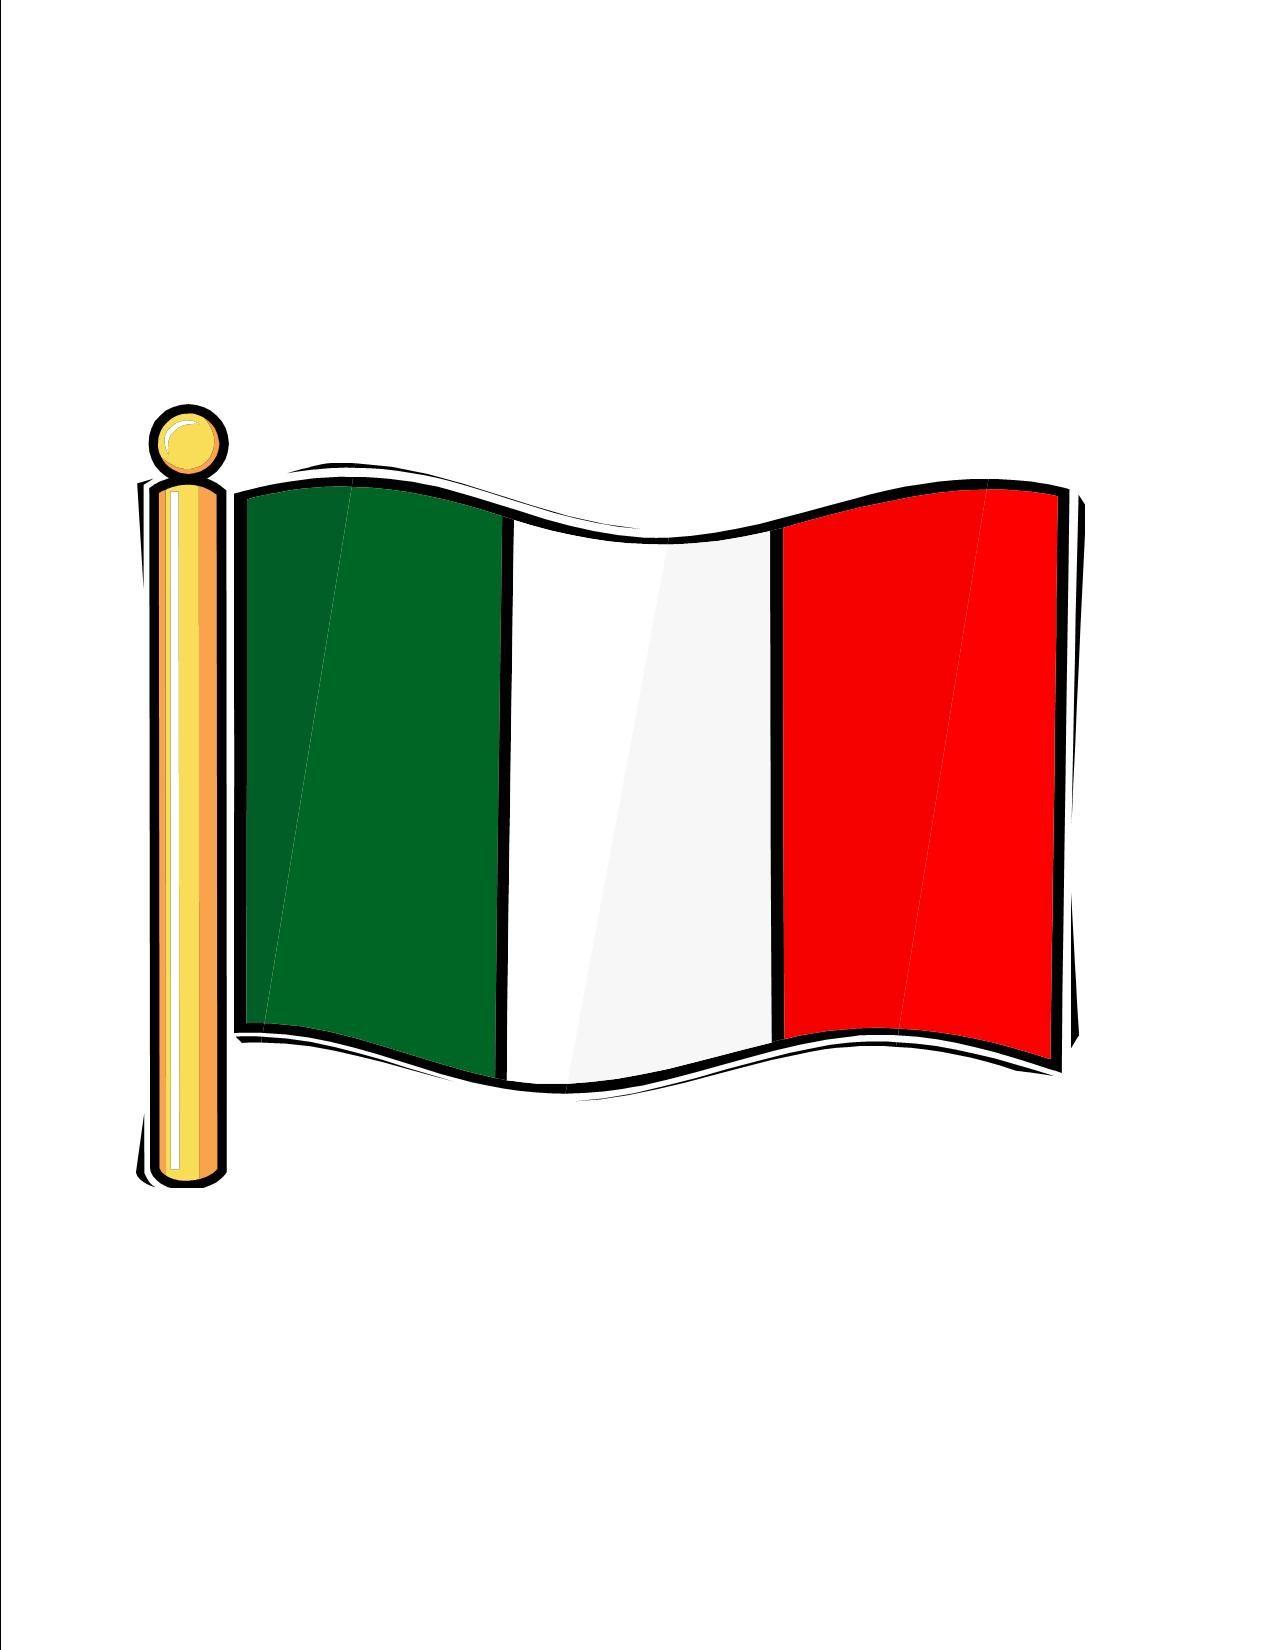 itallian flag